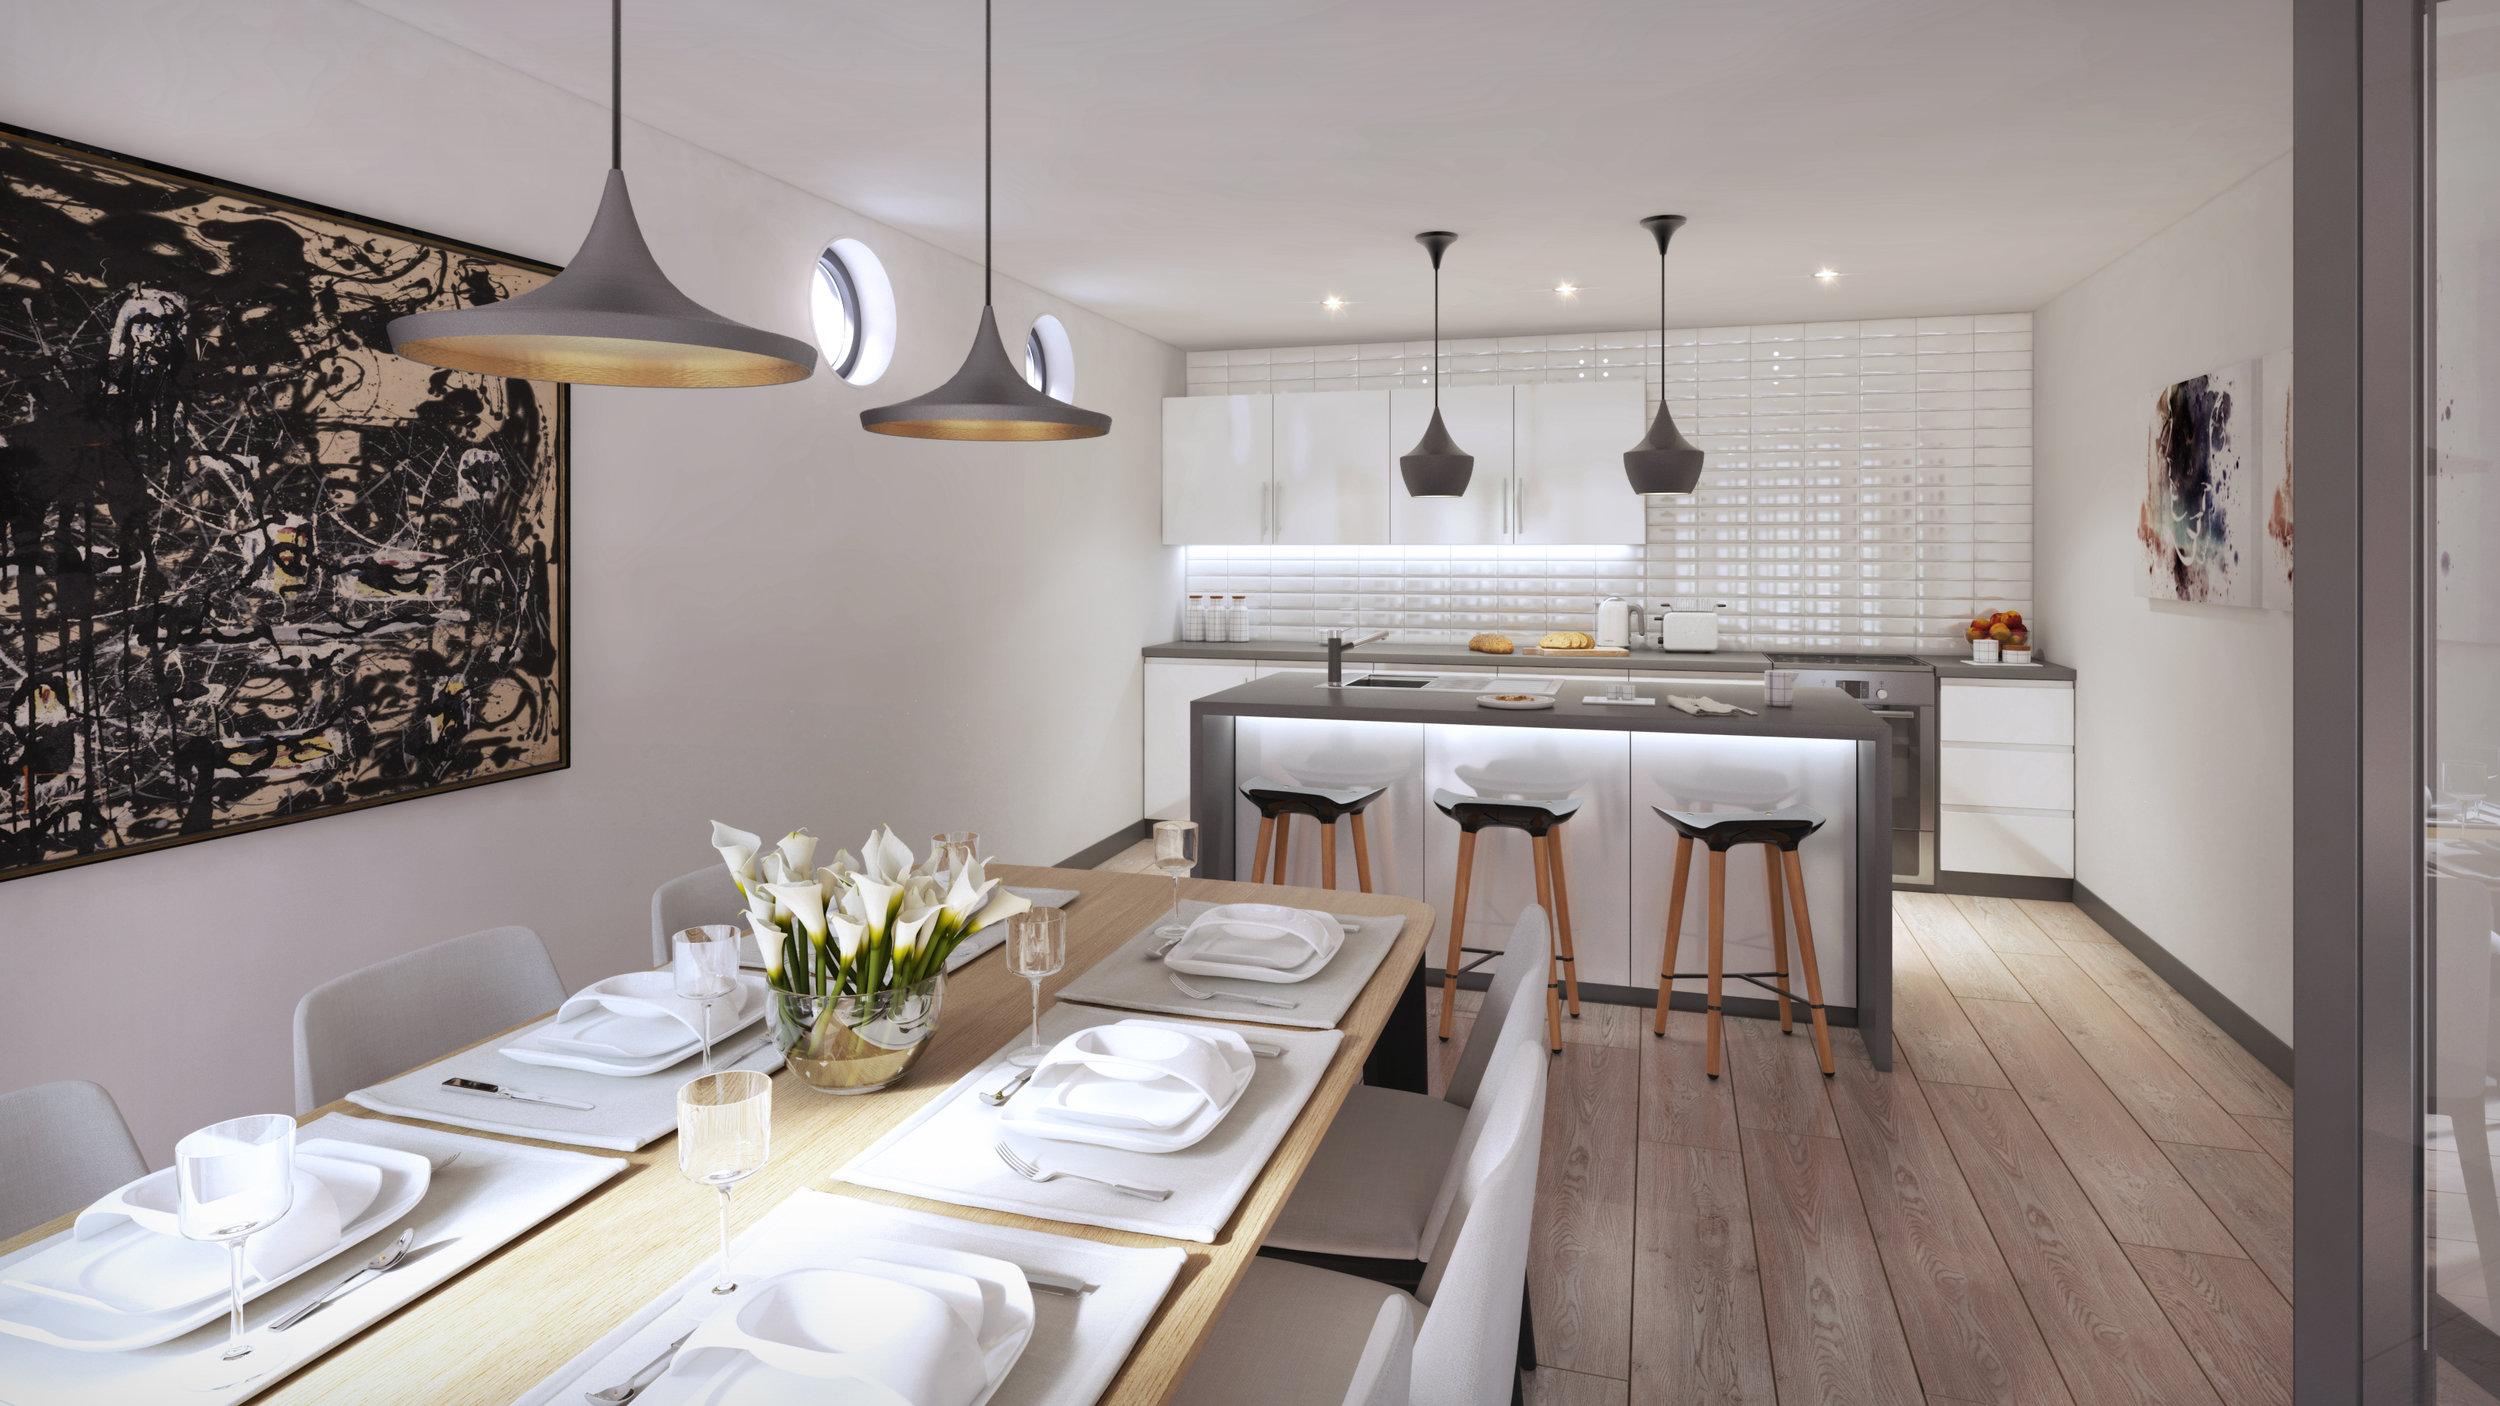 A_Kitchen-Diner.RGB_color.jpg